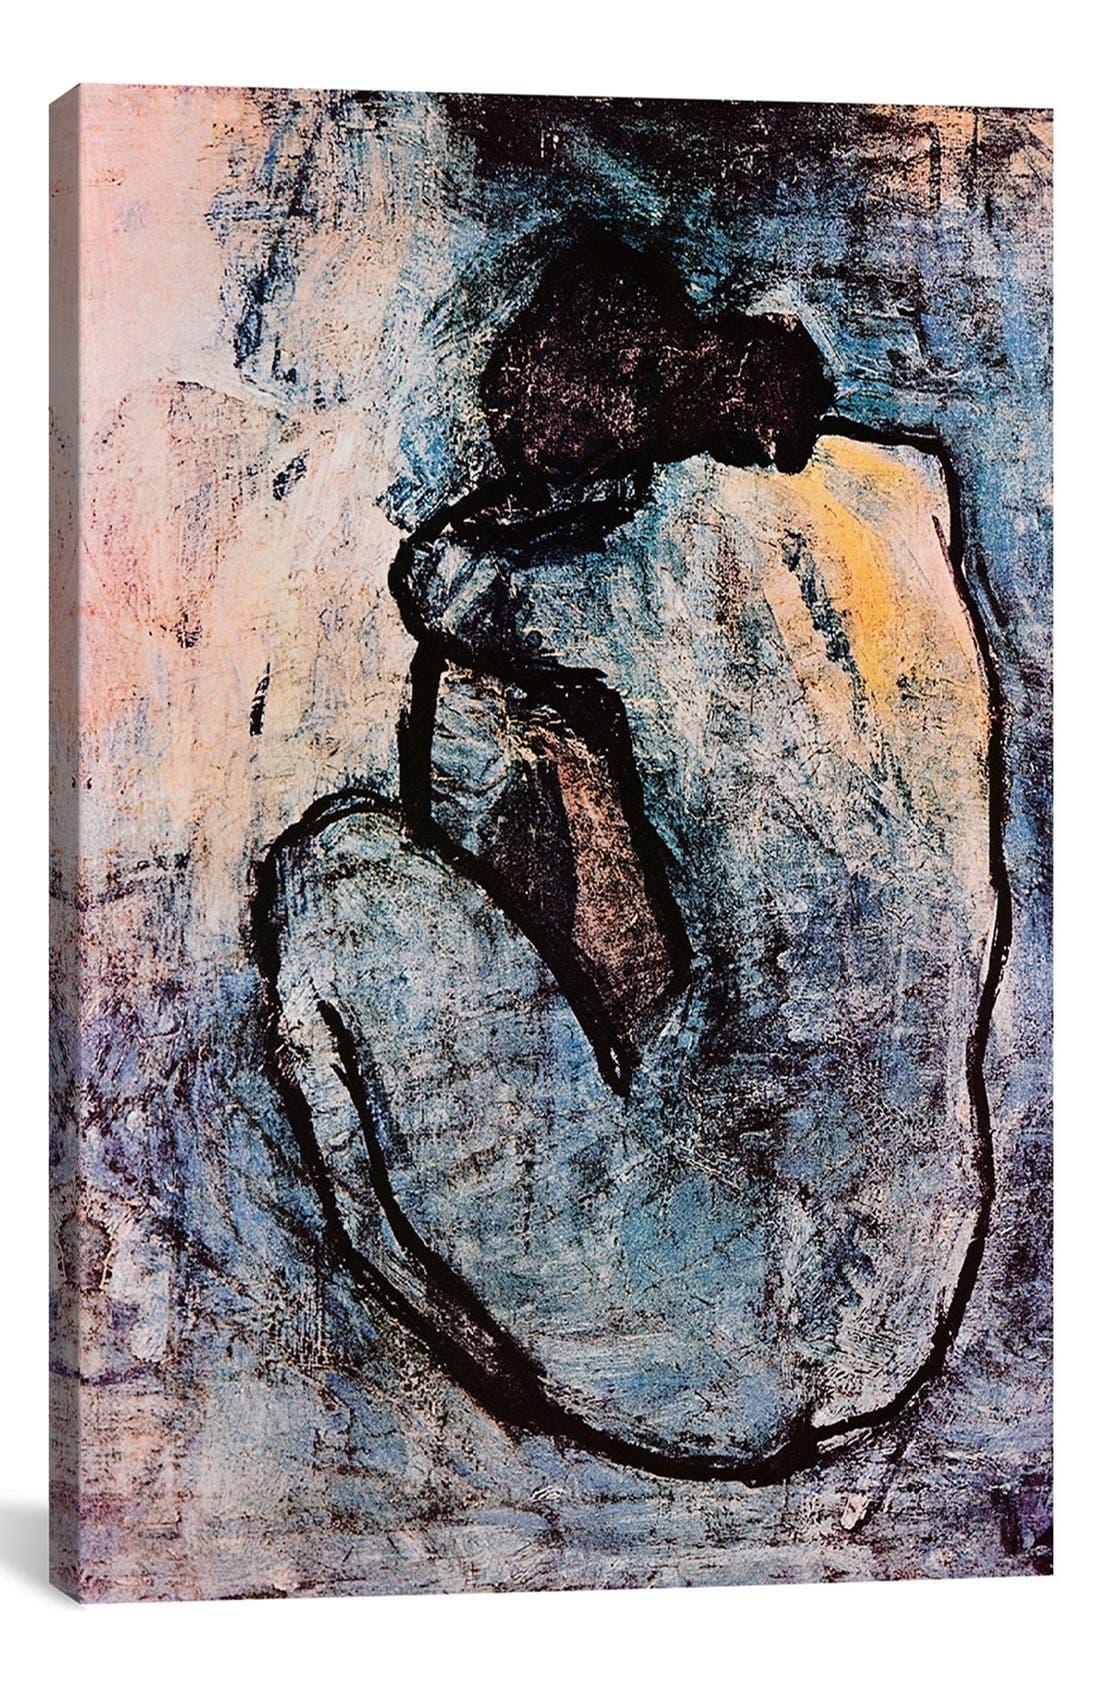 'Blue Nude - Pablo Picasso' Giclée Print Canvas Art,                             Main thumbnail 1, color,                             GREY